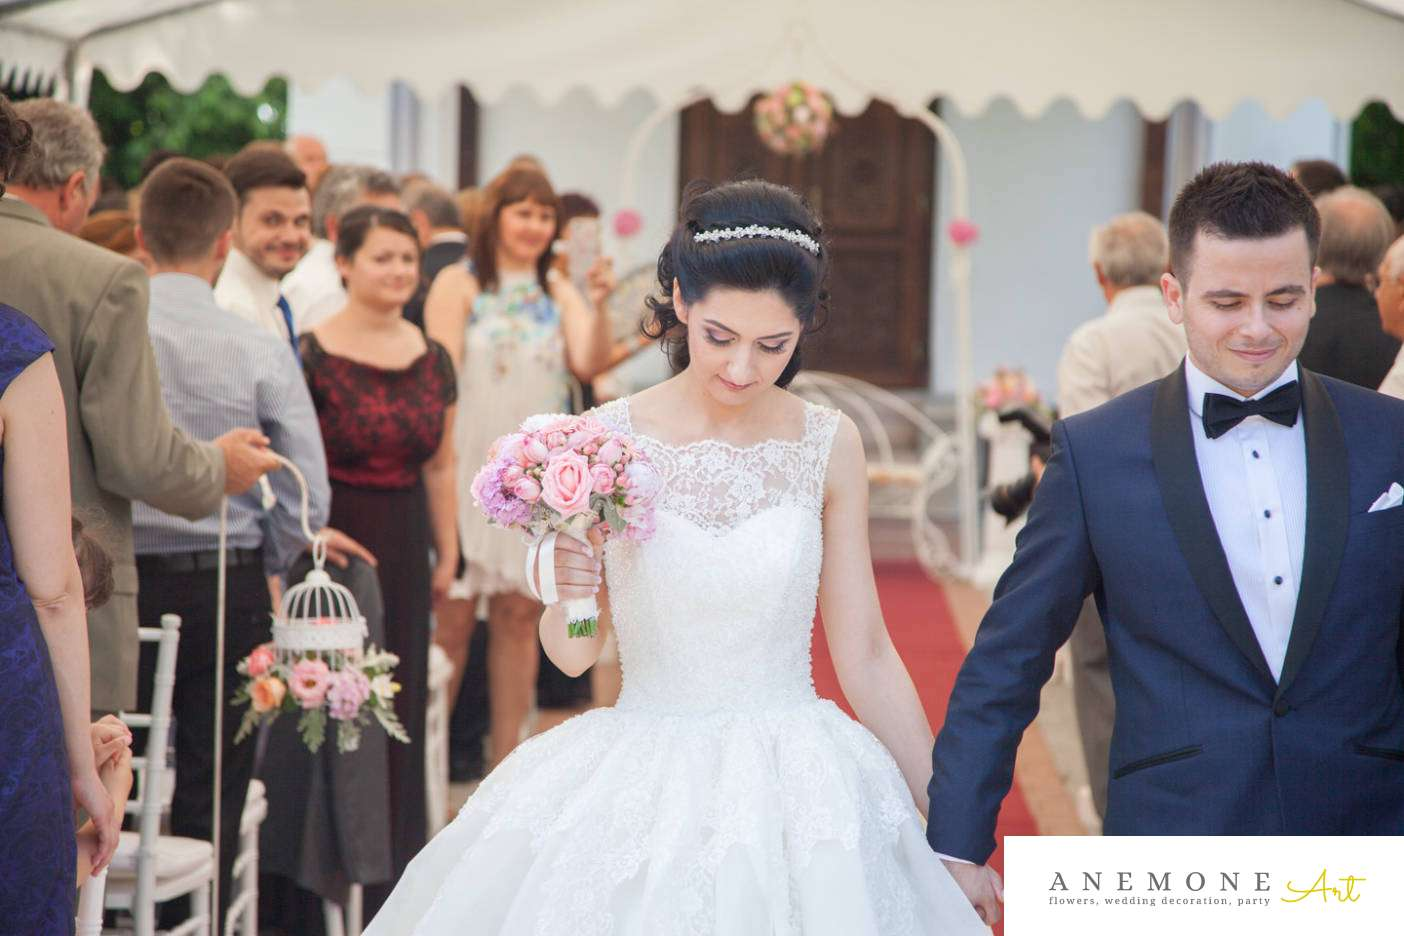 Poza, foto cu Flori de nunta buchet mireasa, decor biserica in Arad, Timisoara, Oradea (wedding flowers, bouquets) nunta Arad, Timisoara, Oradea